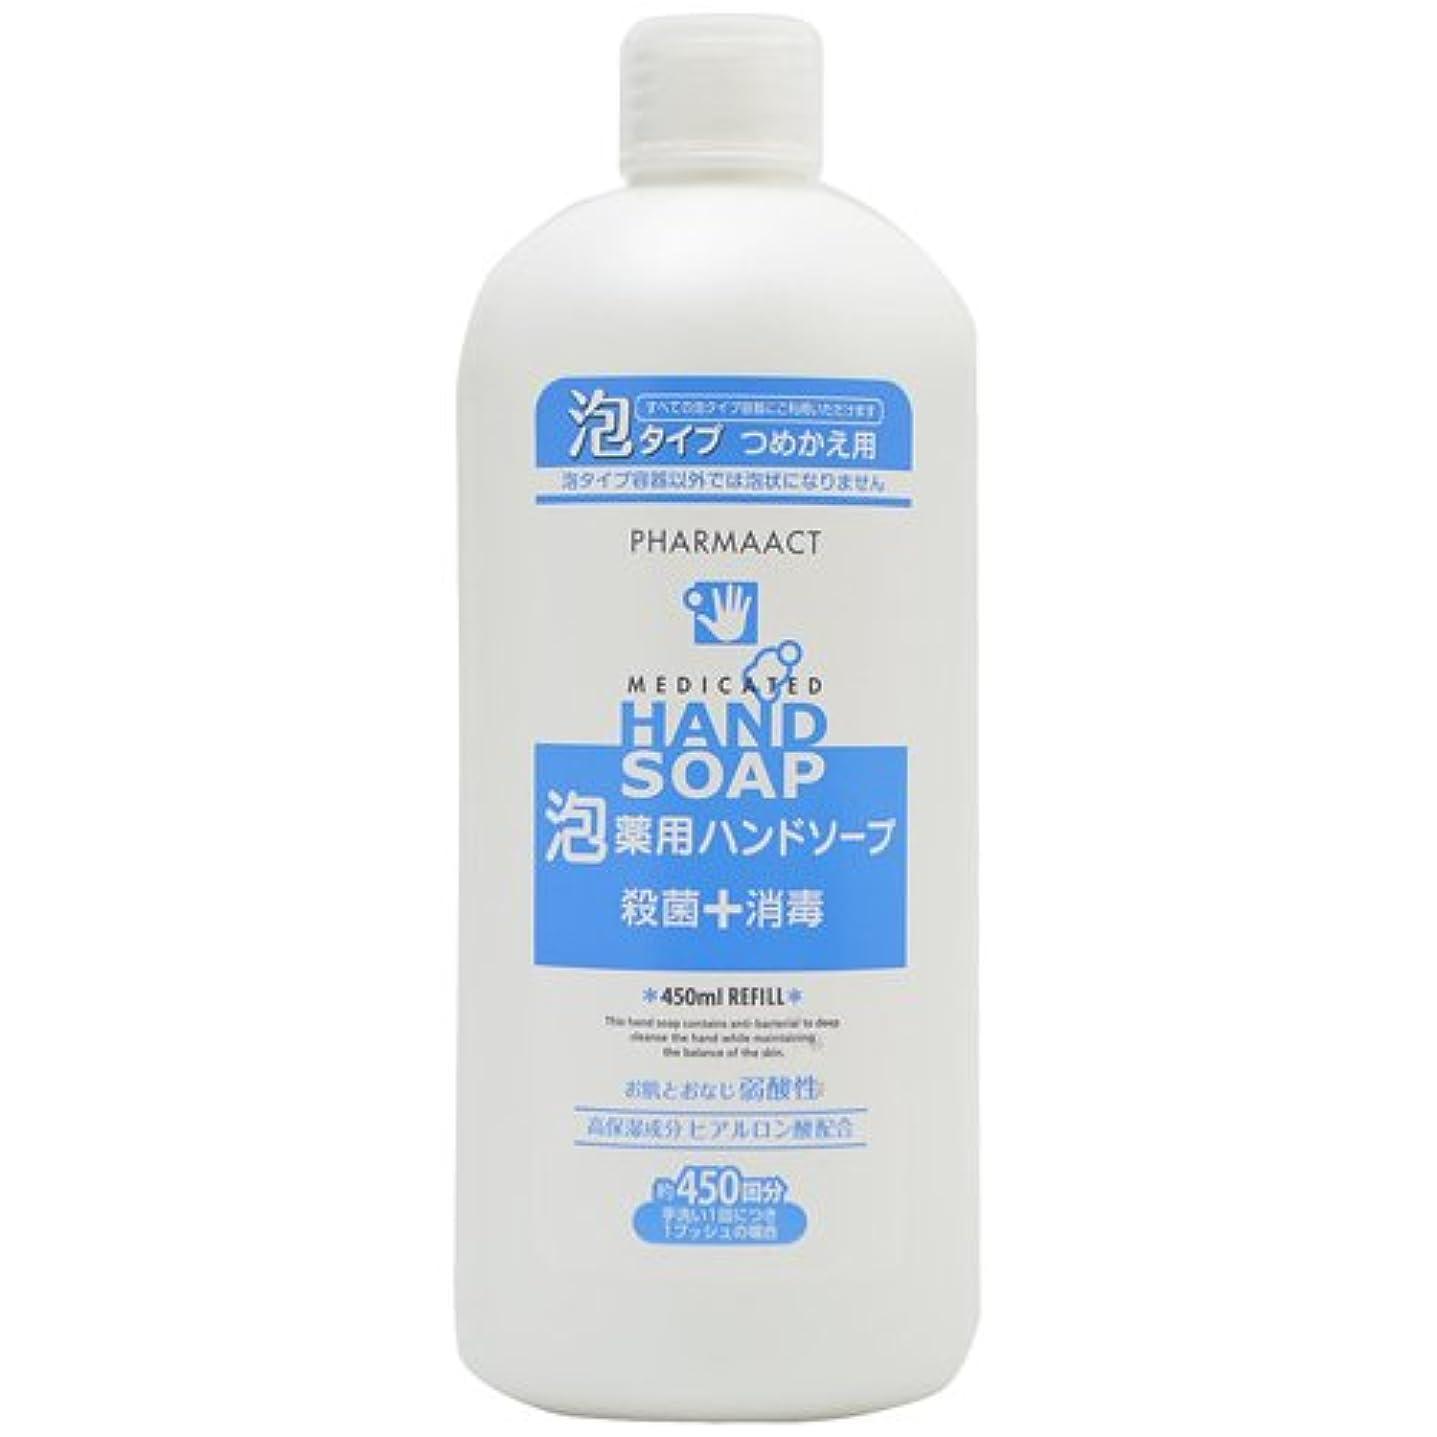 リール日没一方、熊野油脂 ファーマアクト 薬用泡ハンドソープ つめかえ用 450ml×24点セット (4513574017603)